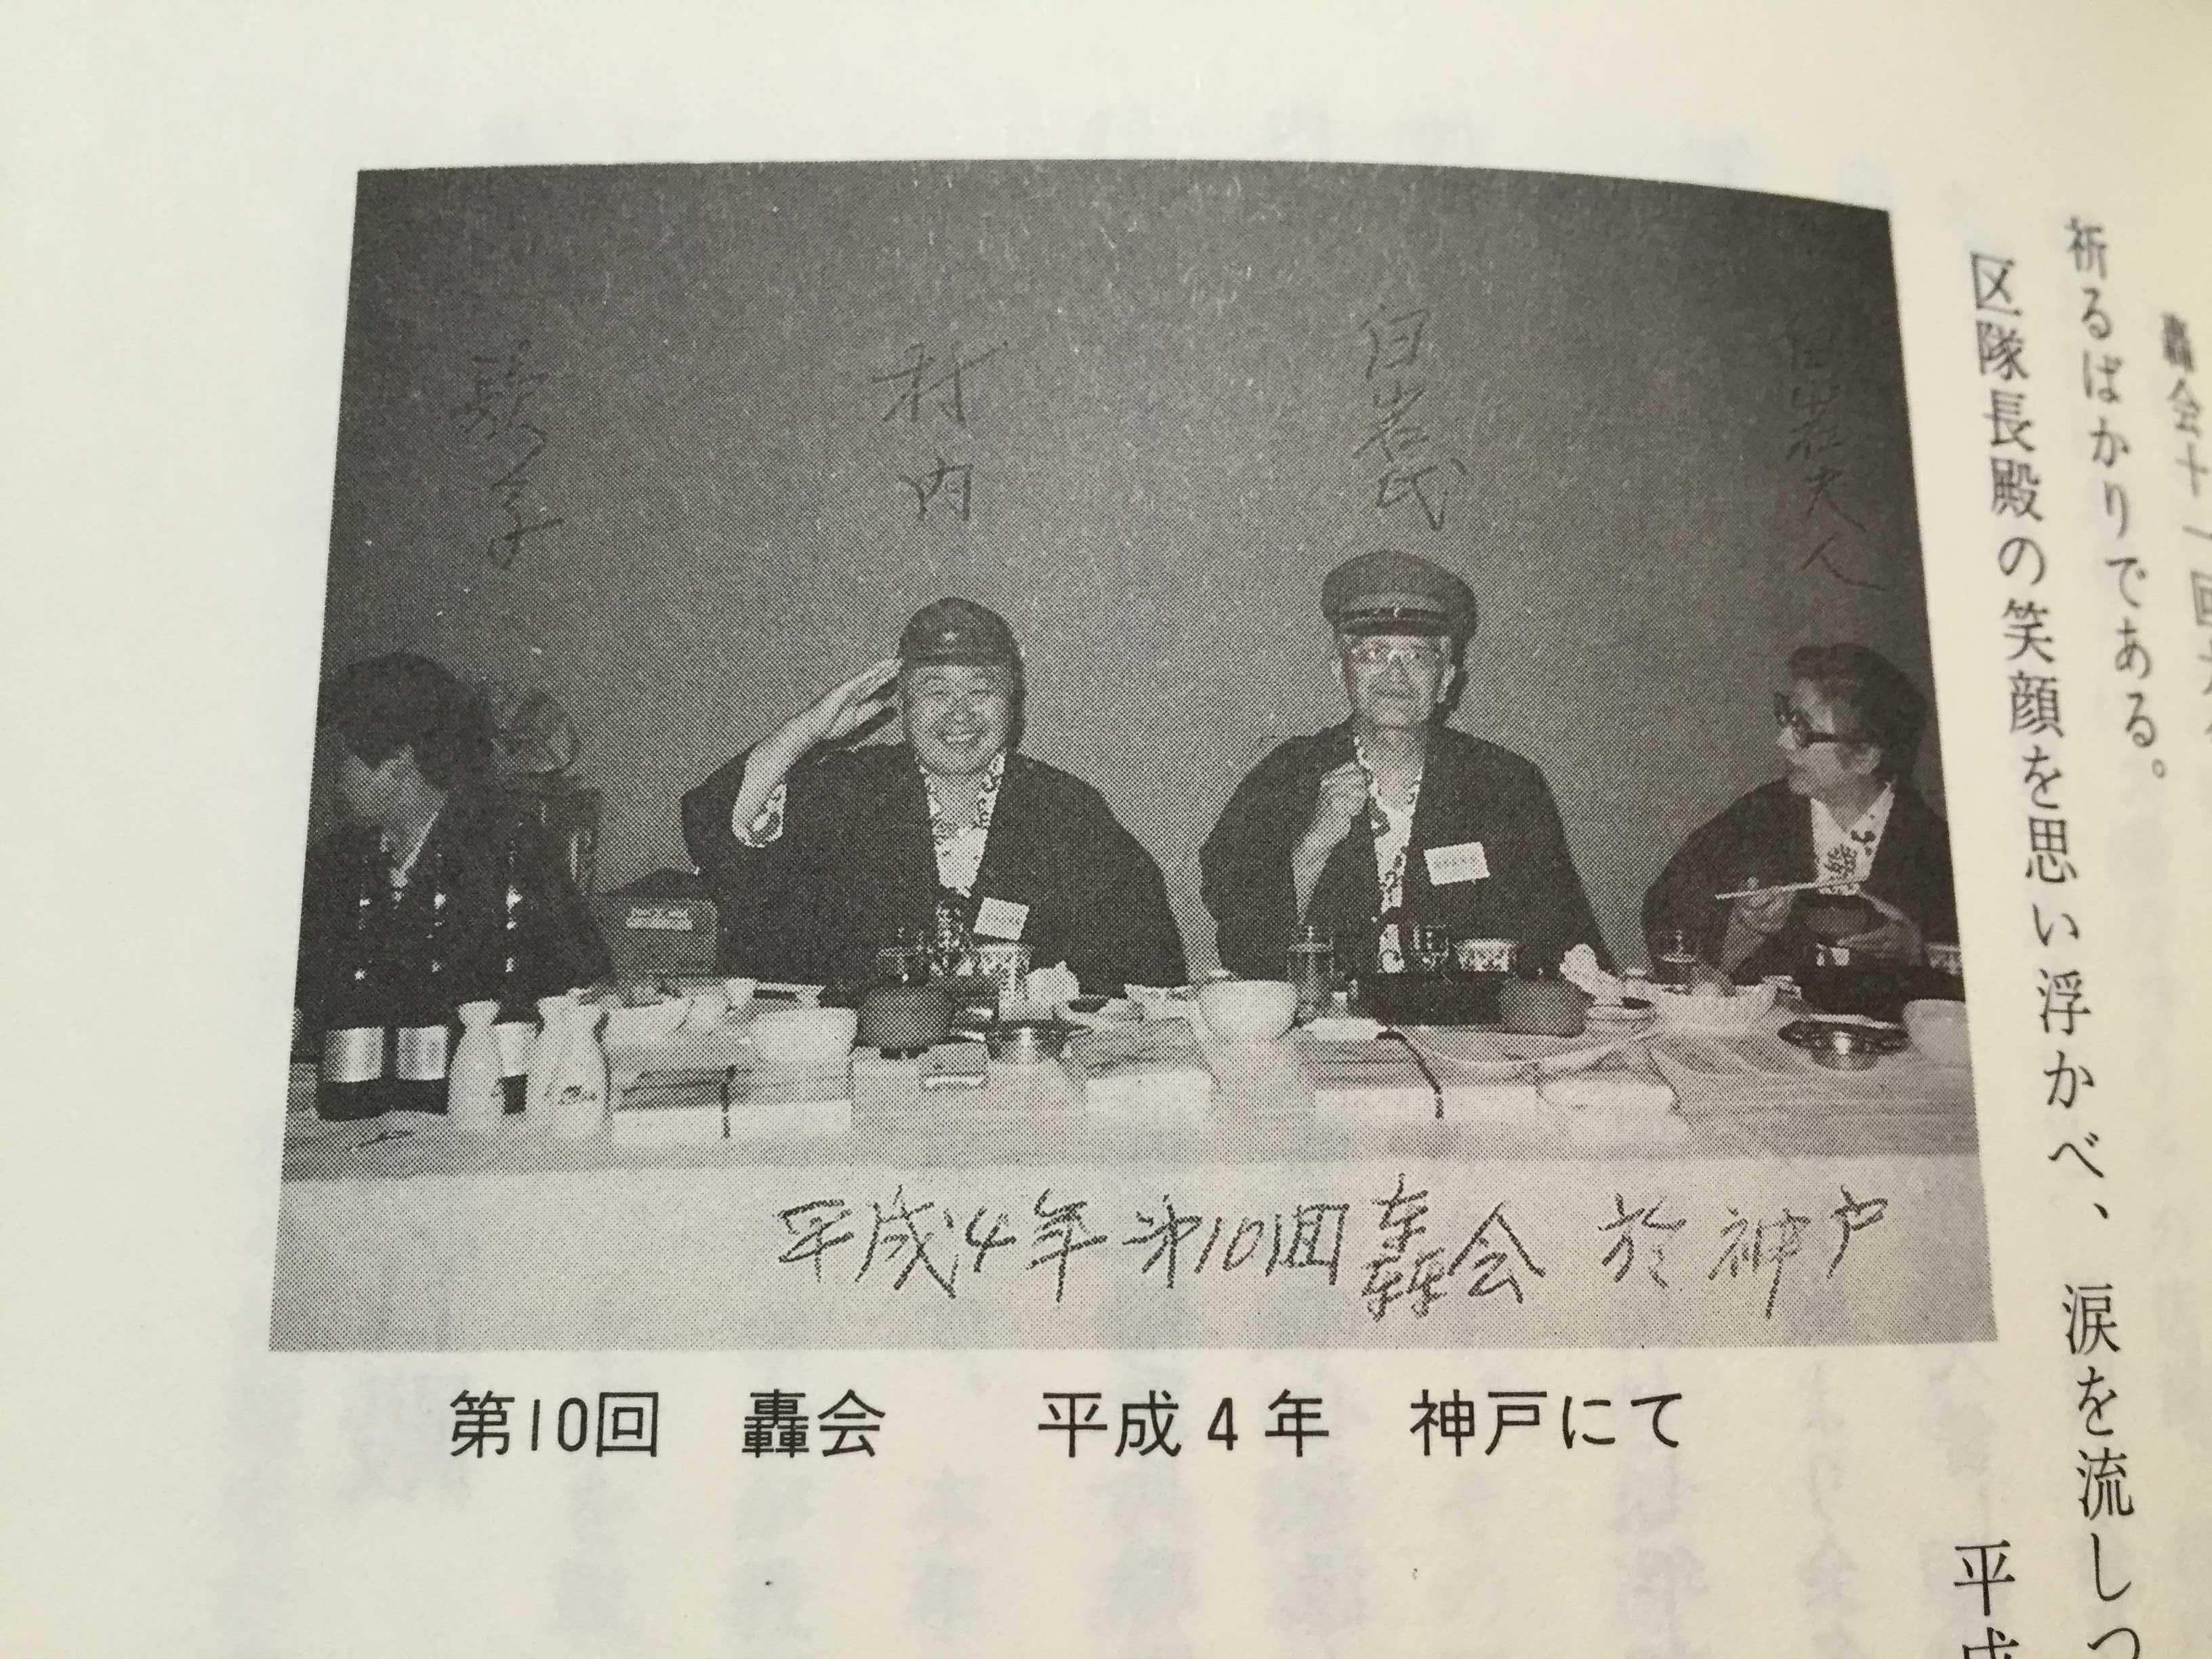 陸軍自動車学校幹部候補生隊区隊長時代の戦友会(轟会)